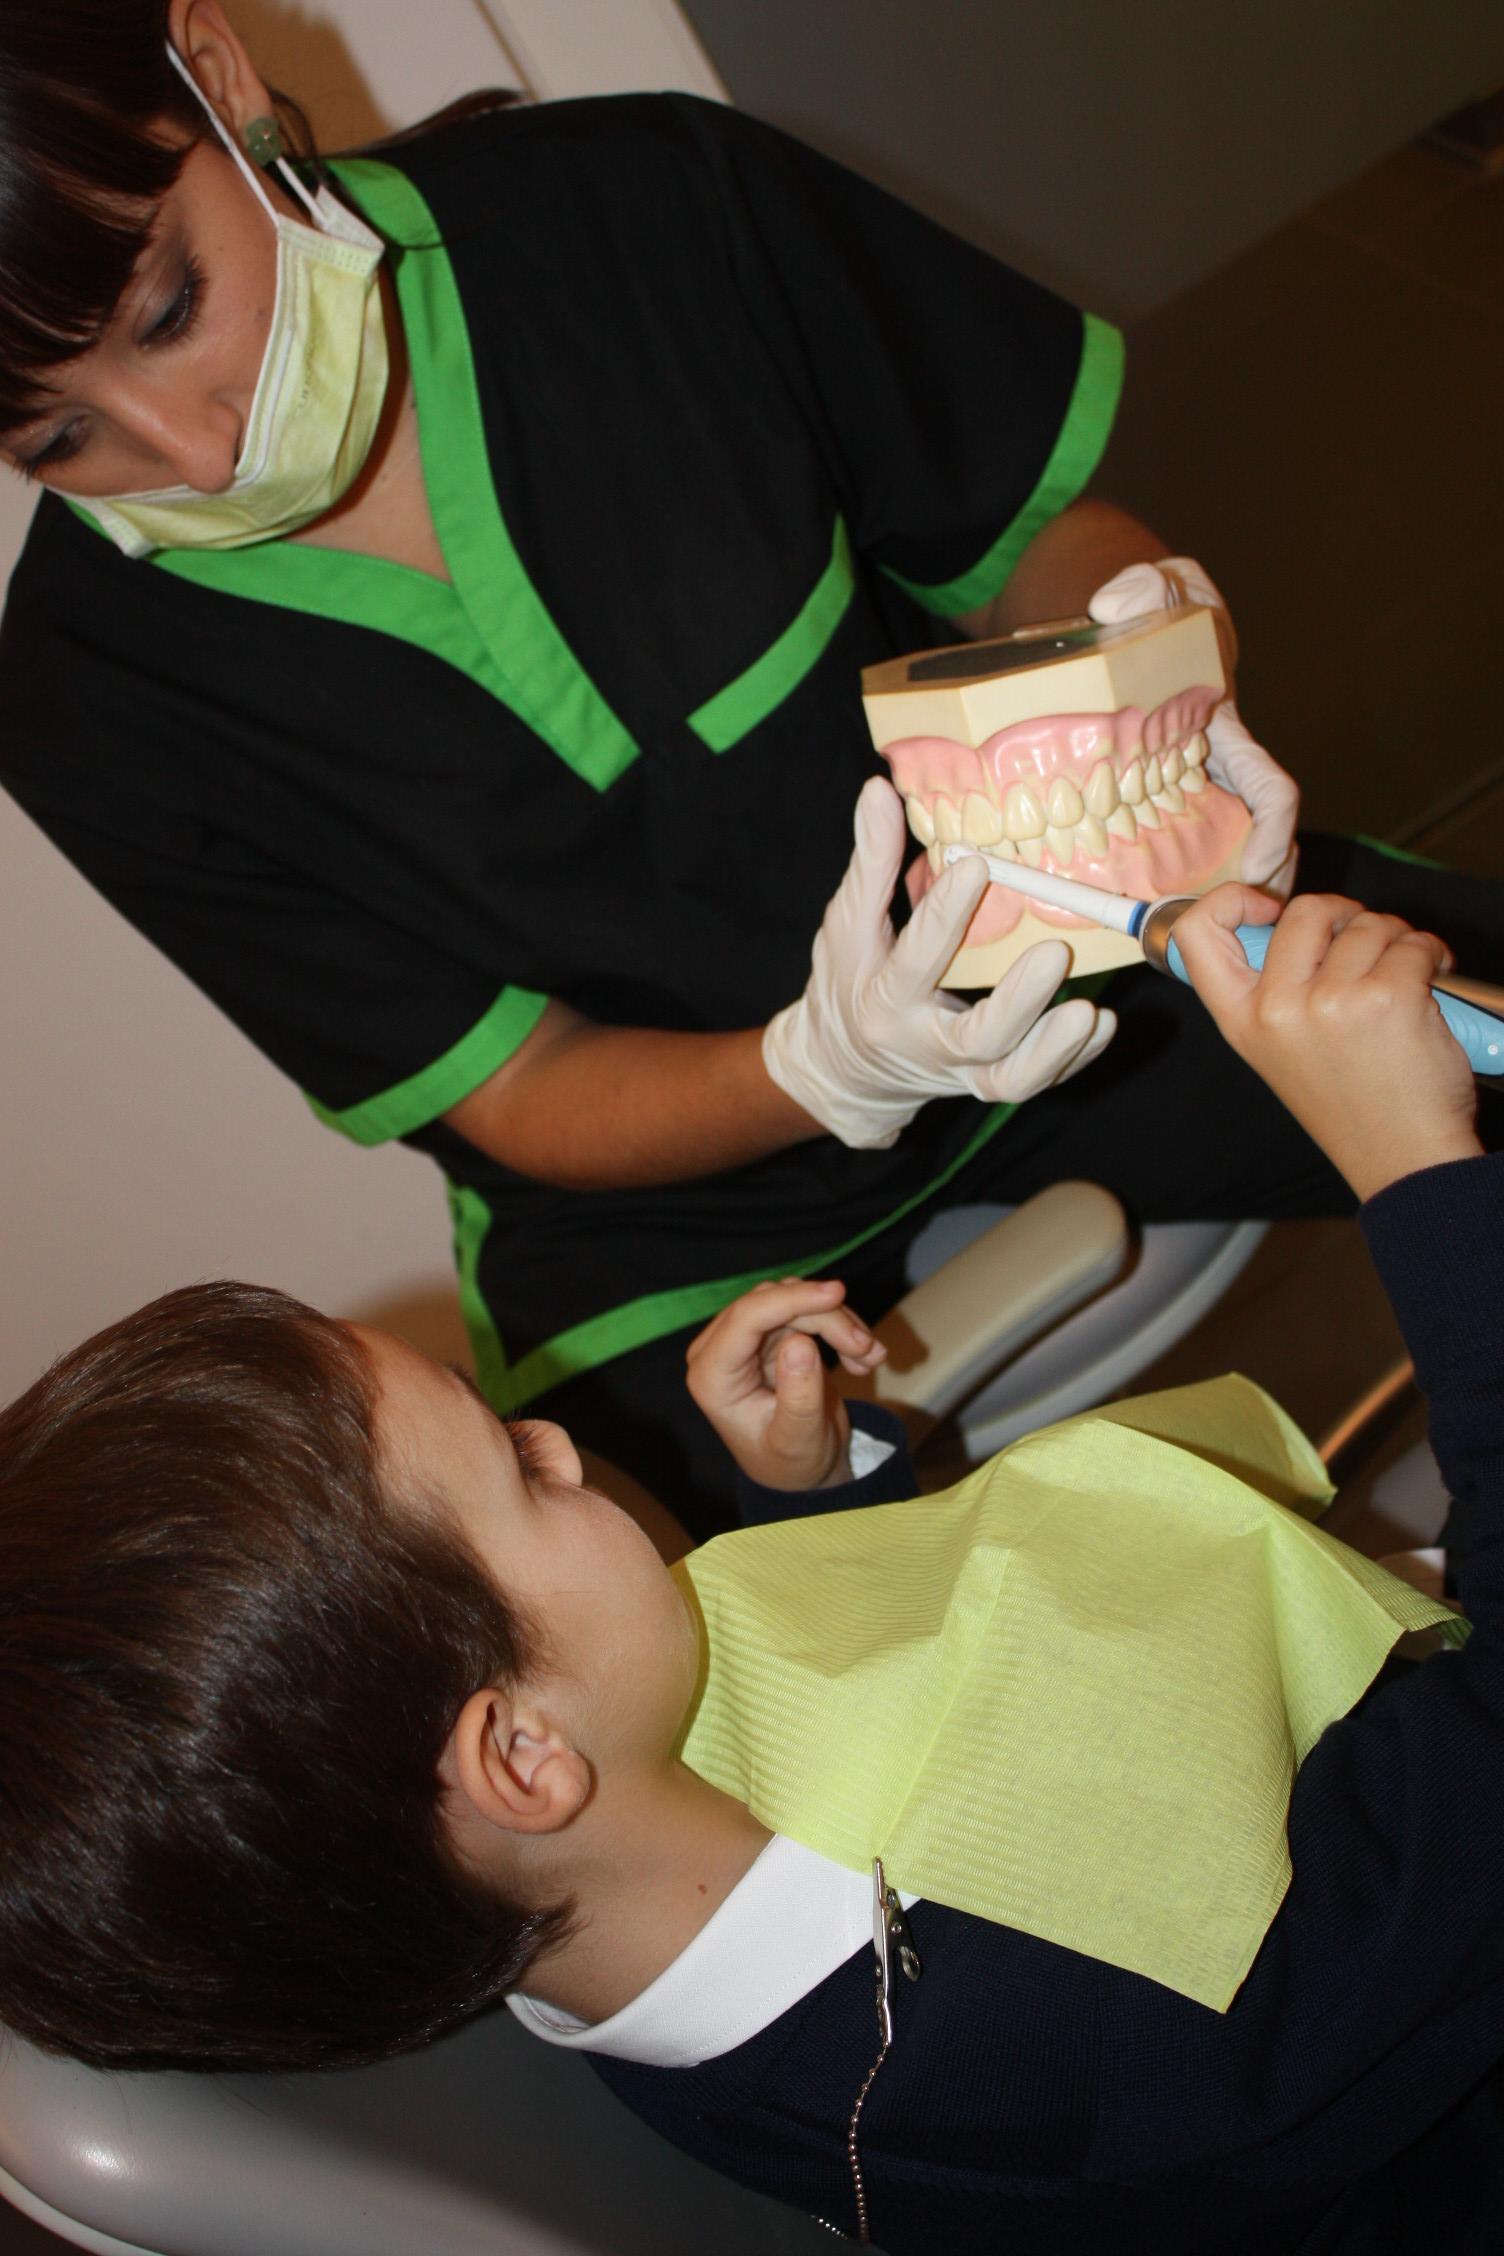 Un profesional dental experto podrá enseñar a sus hij@s las mejores técnicas de higiene